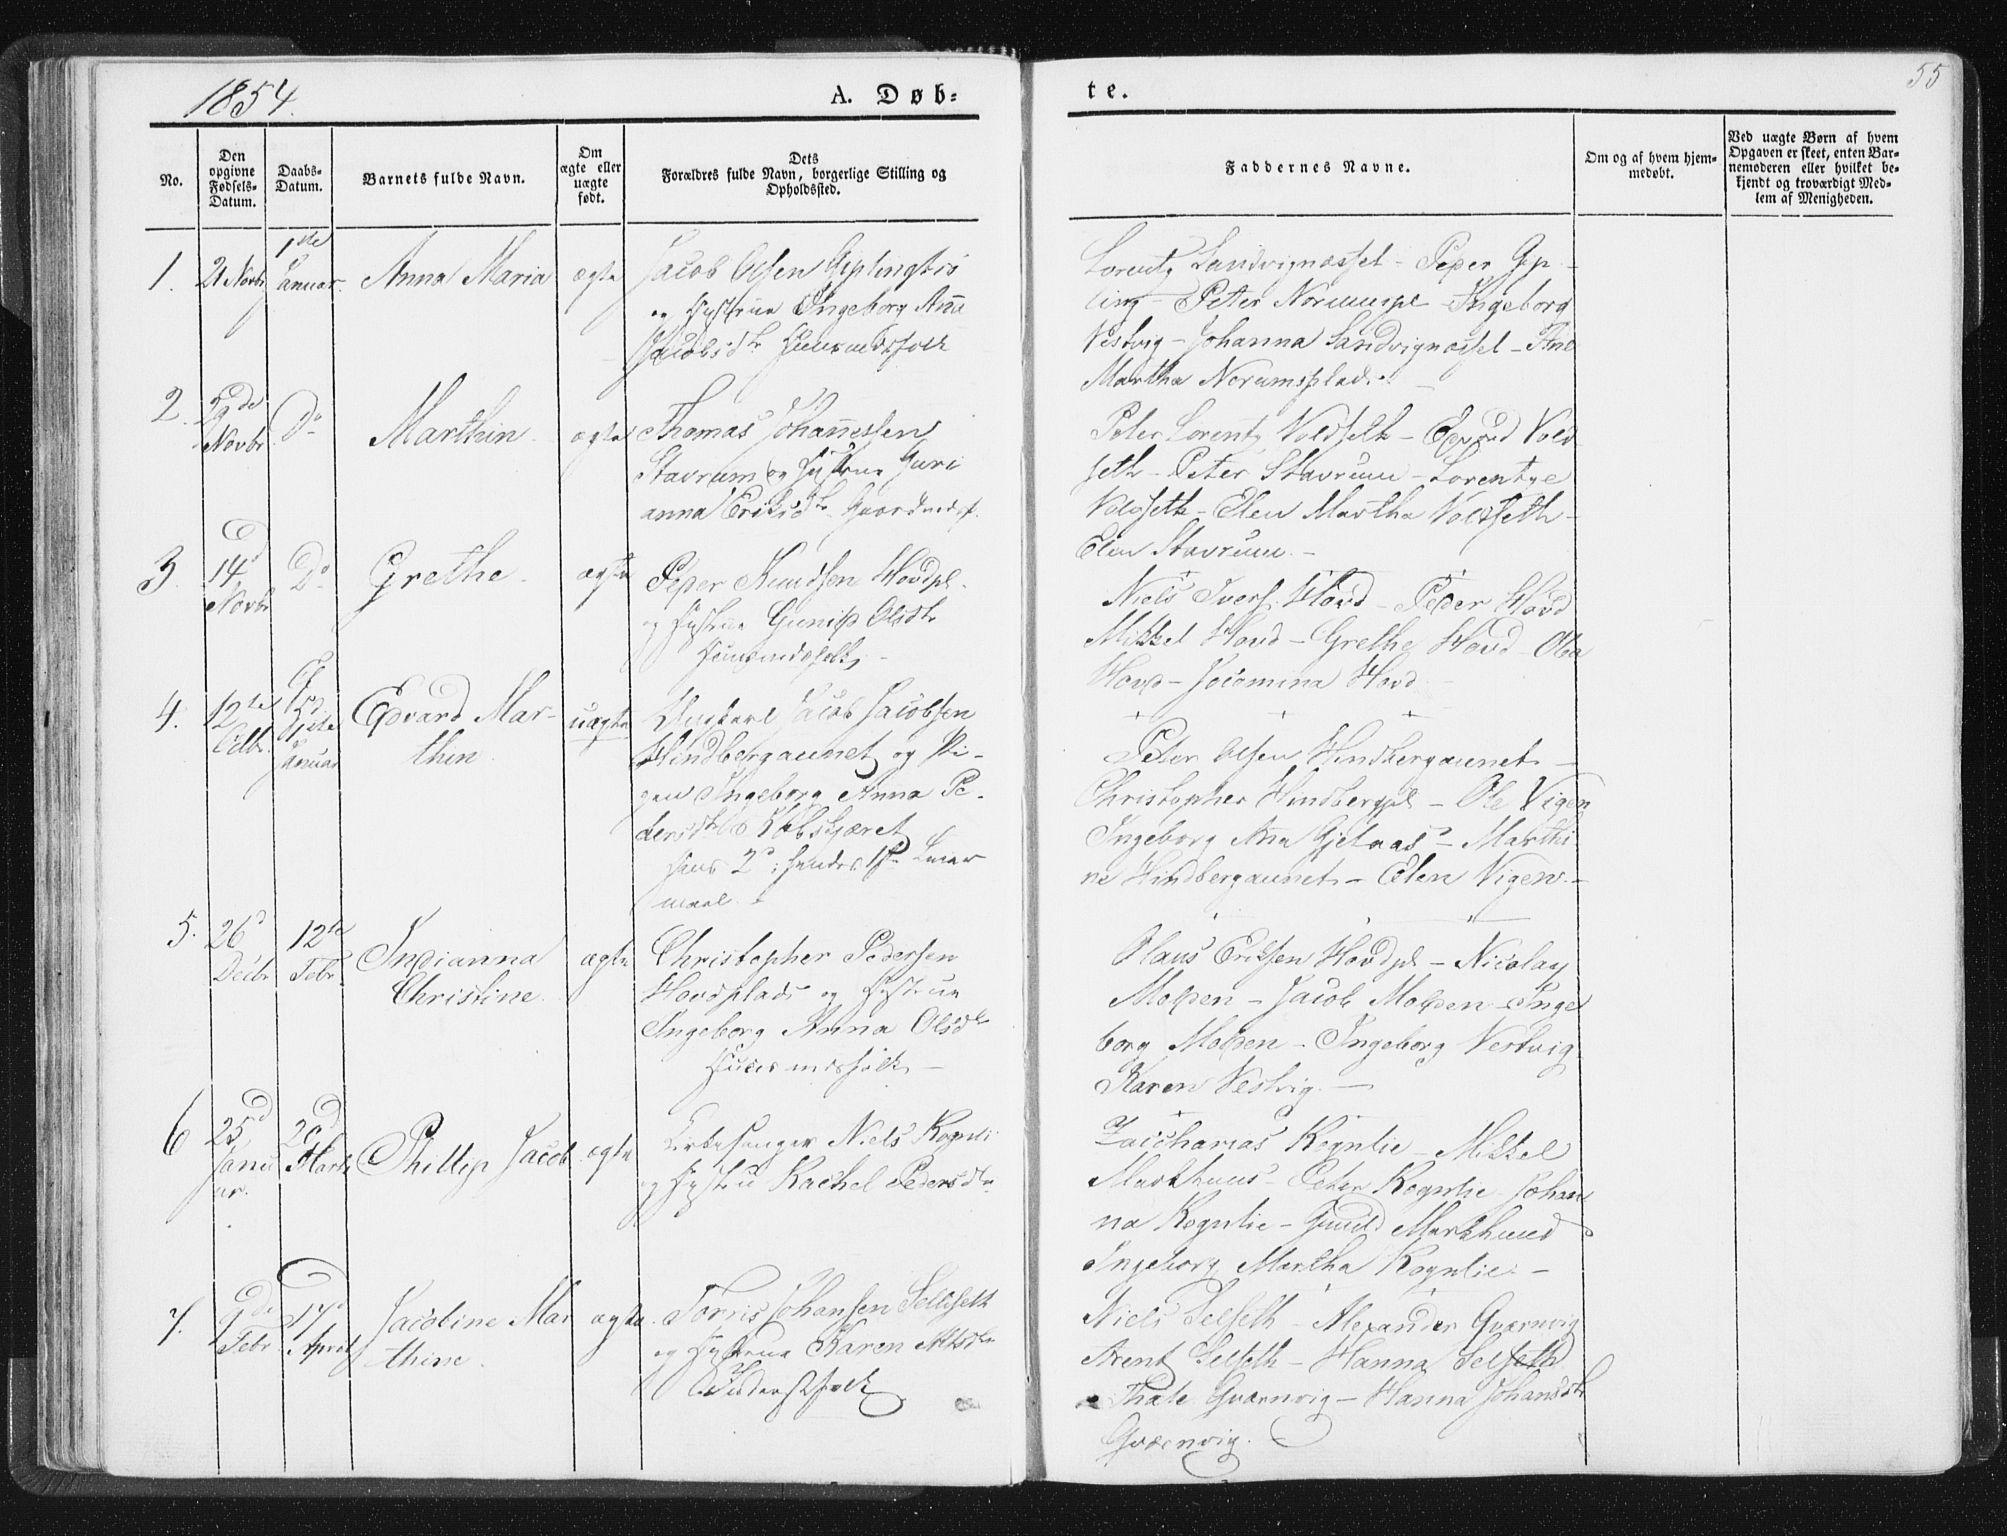 SAT, Ministerialprotokoller, klokkerbøker og fødselsregistre - Nord-Trøndelag, 744/L0418: Ministerialbok nr. 744A02, 1843-1866, s. 55